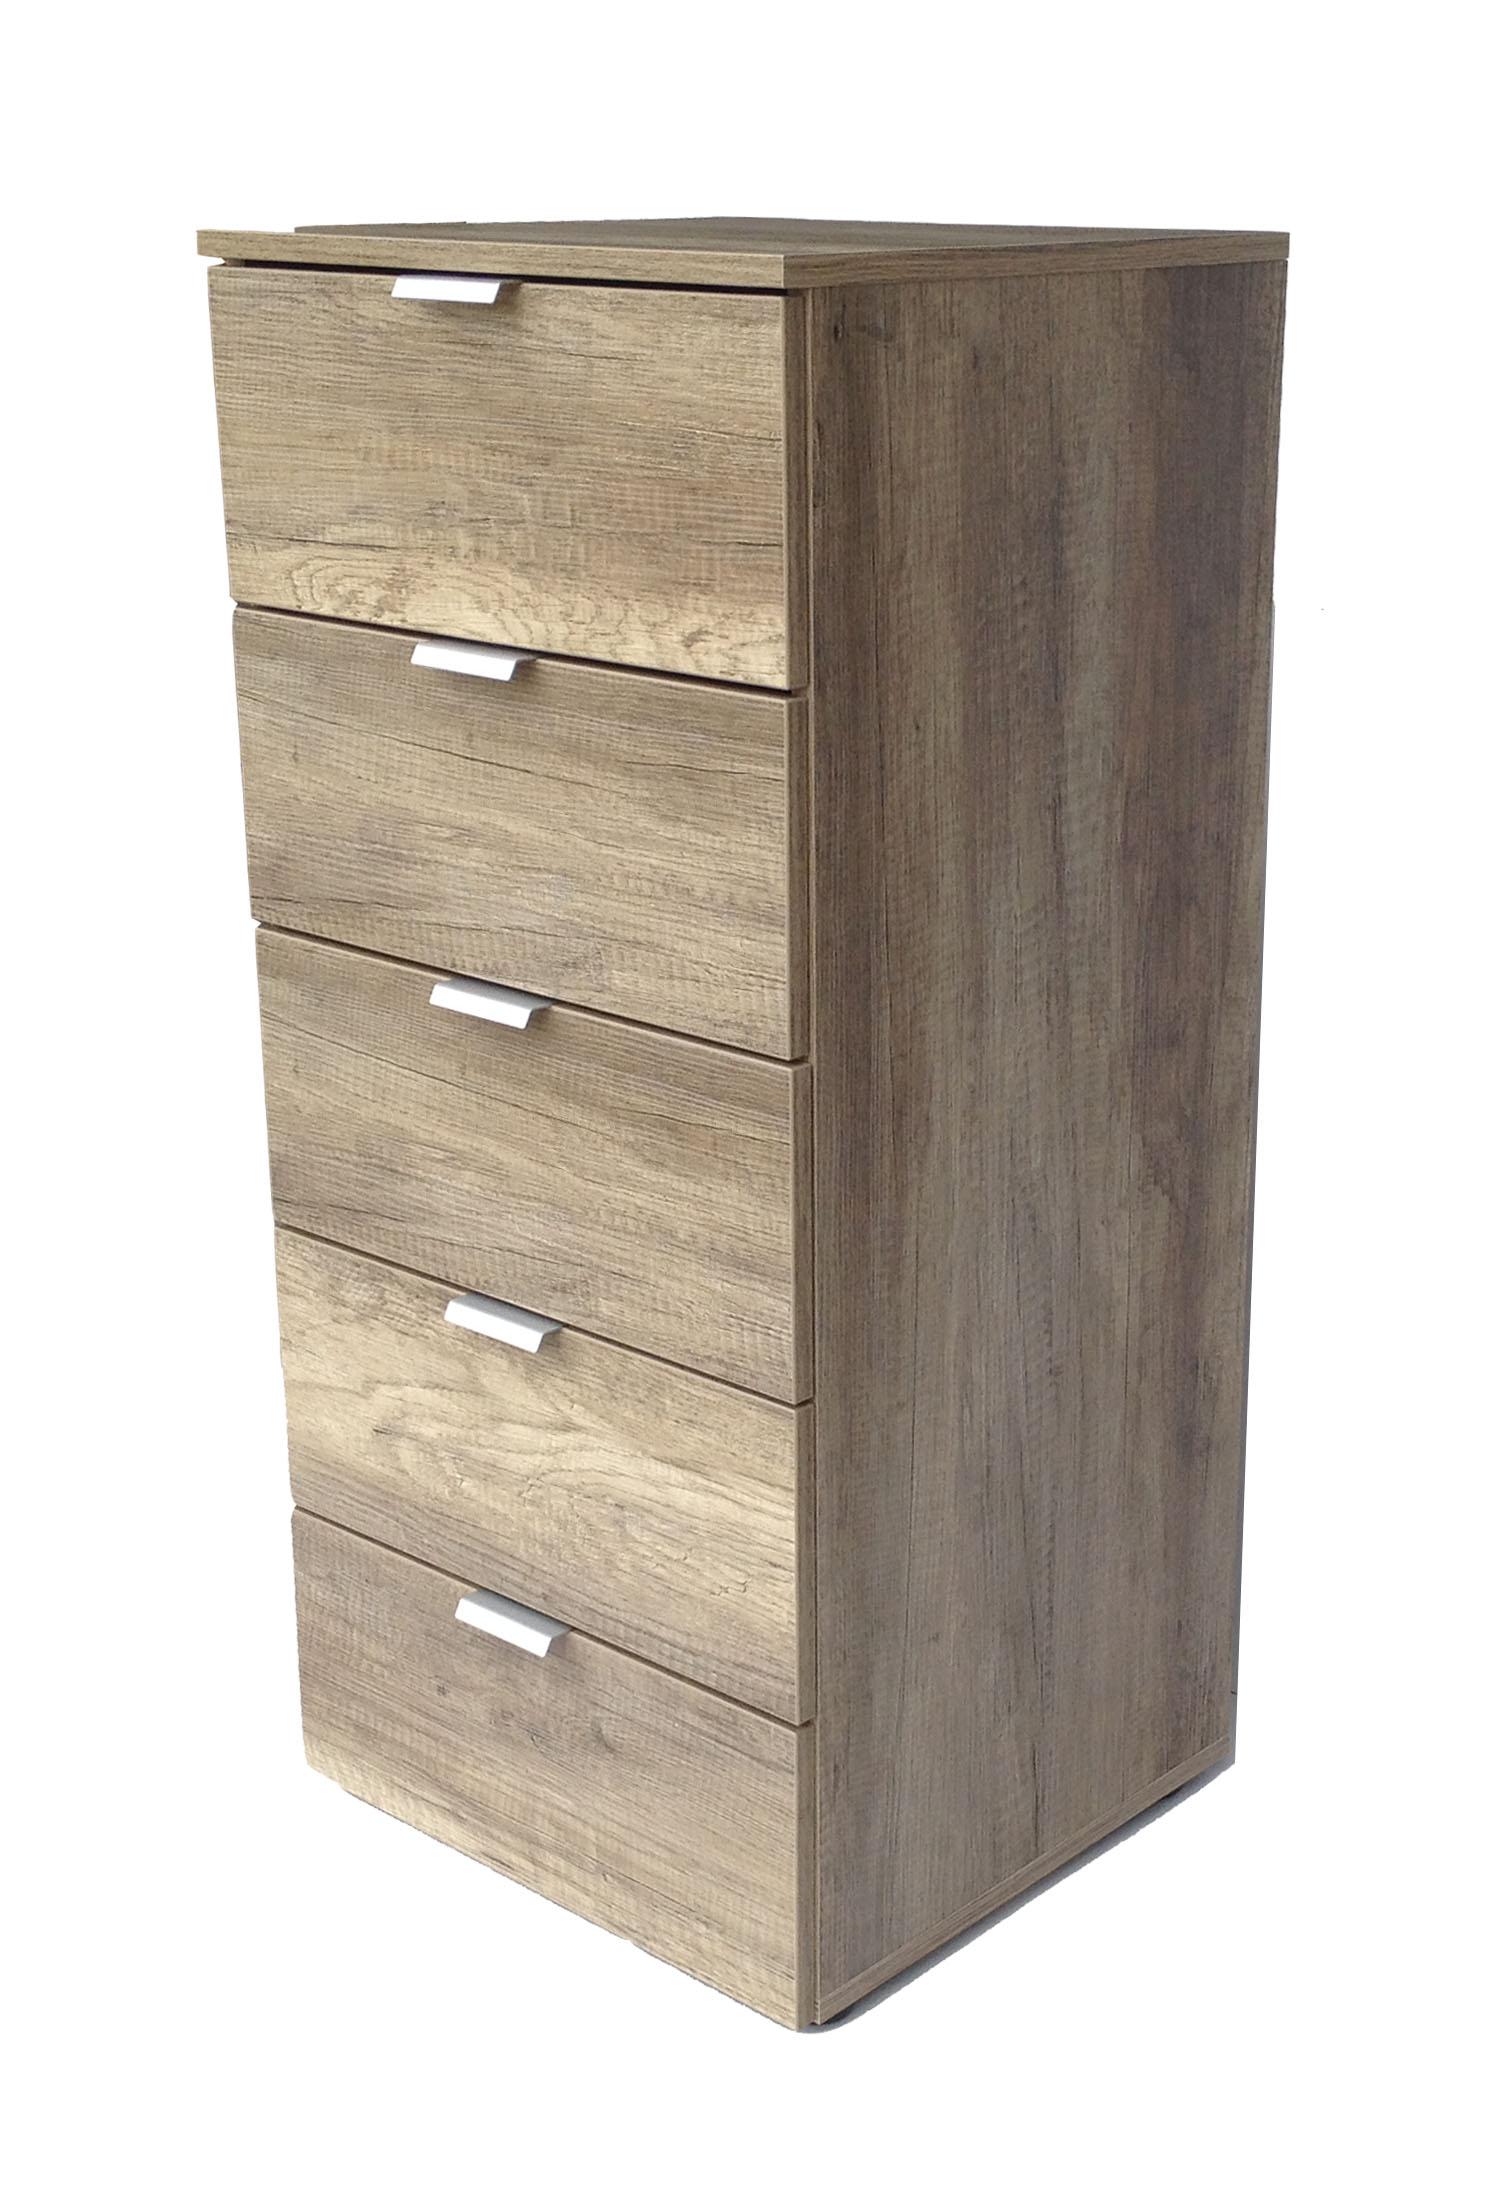 kommode highboard flurkommode 5 schubladen wildeiche sand hochglanz cs schmal ebay. Black Bedroom Furniture Sets. Home Design Ideas